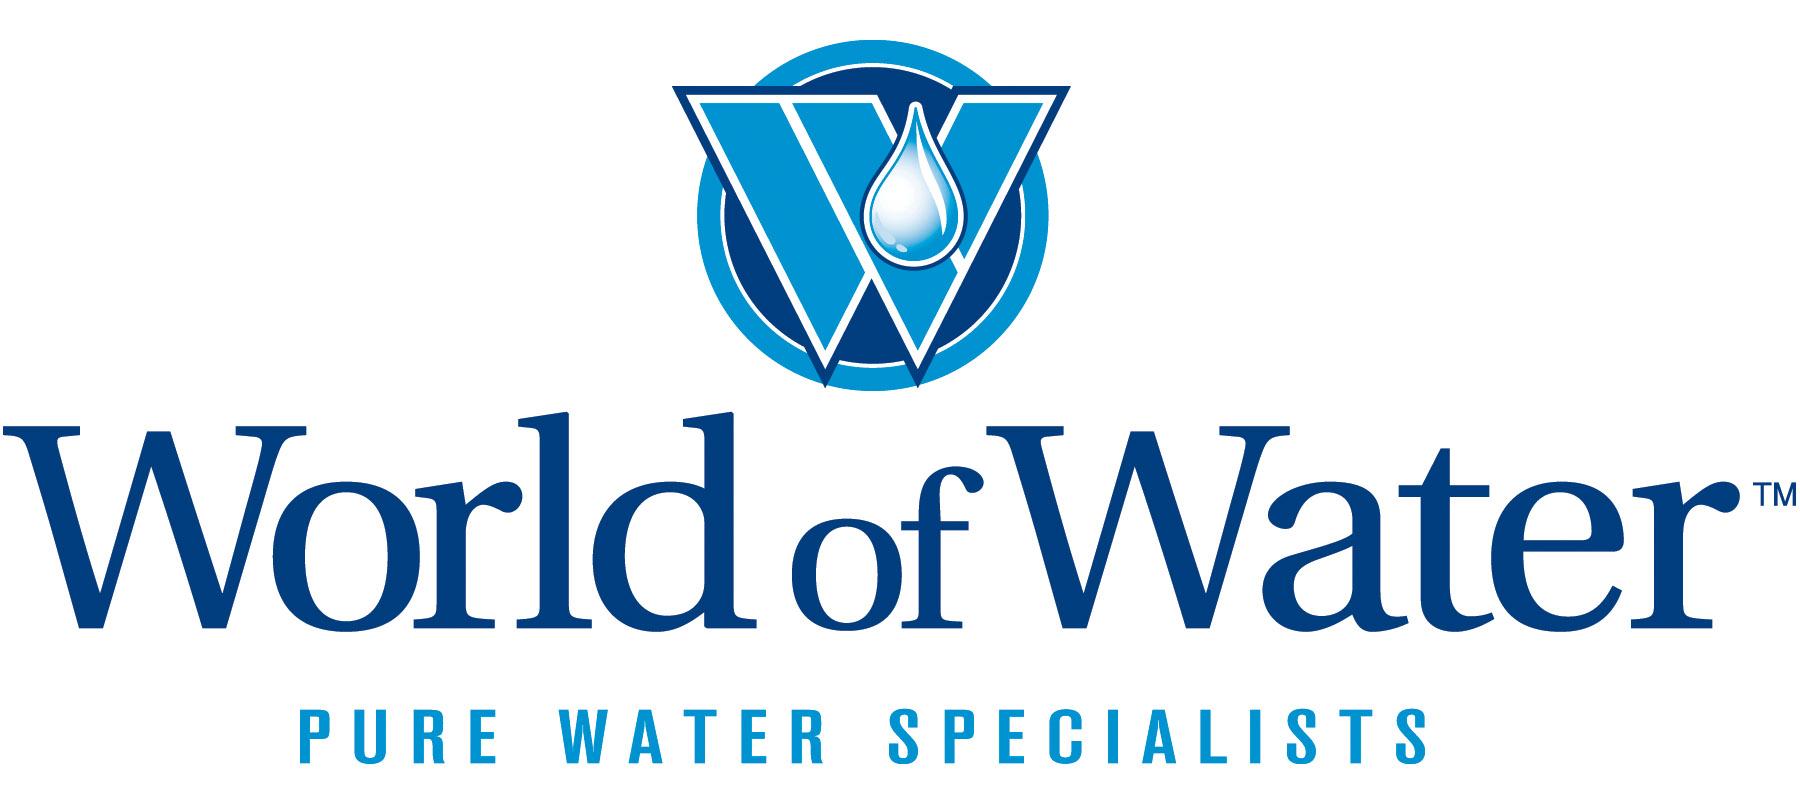 Worldof Water